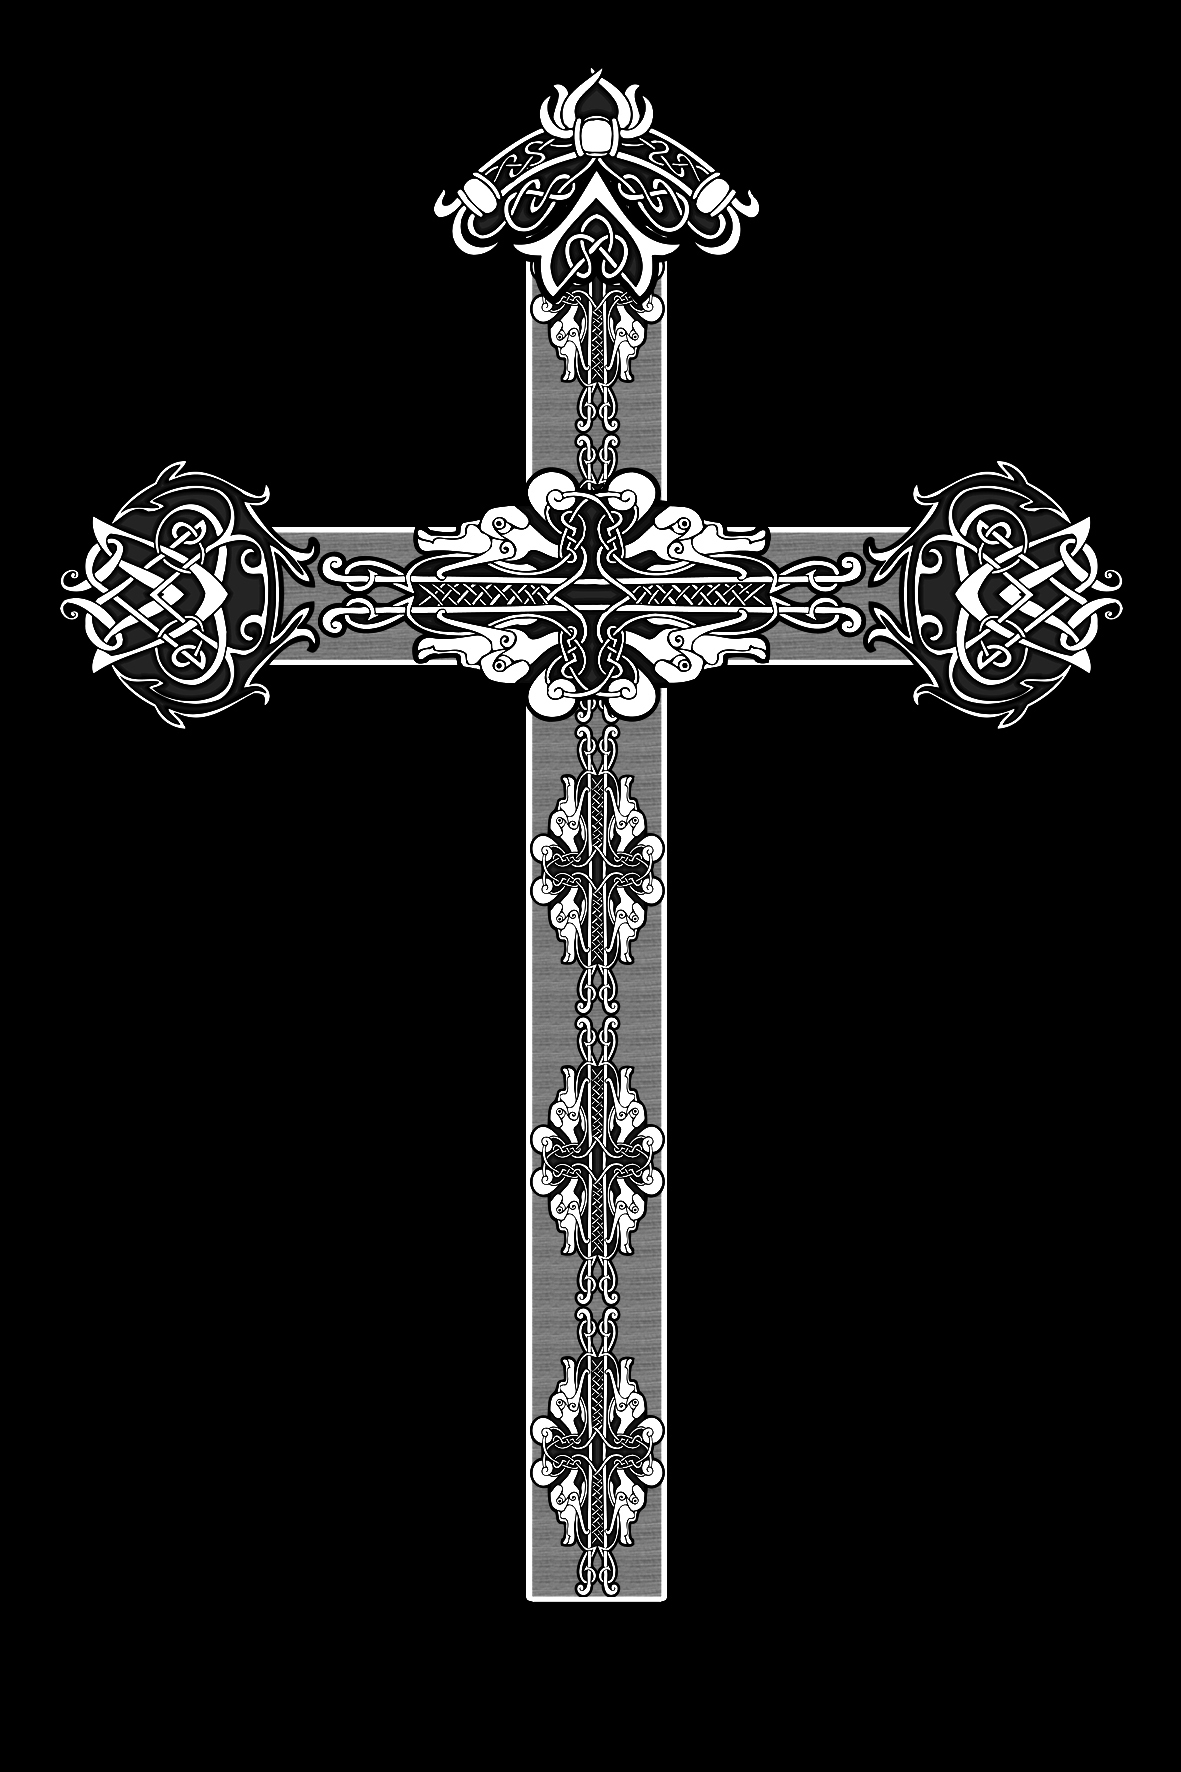 картинки кресты крестьянские покупал них двери